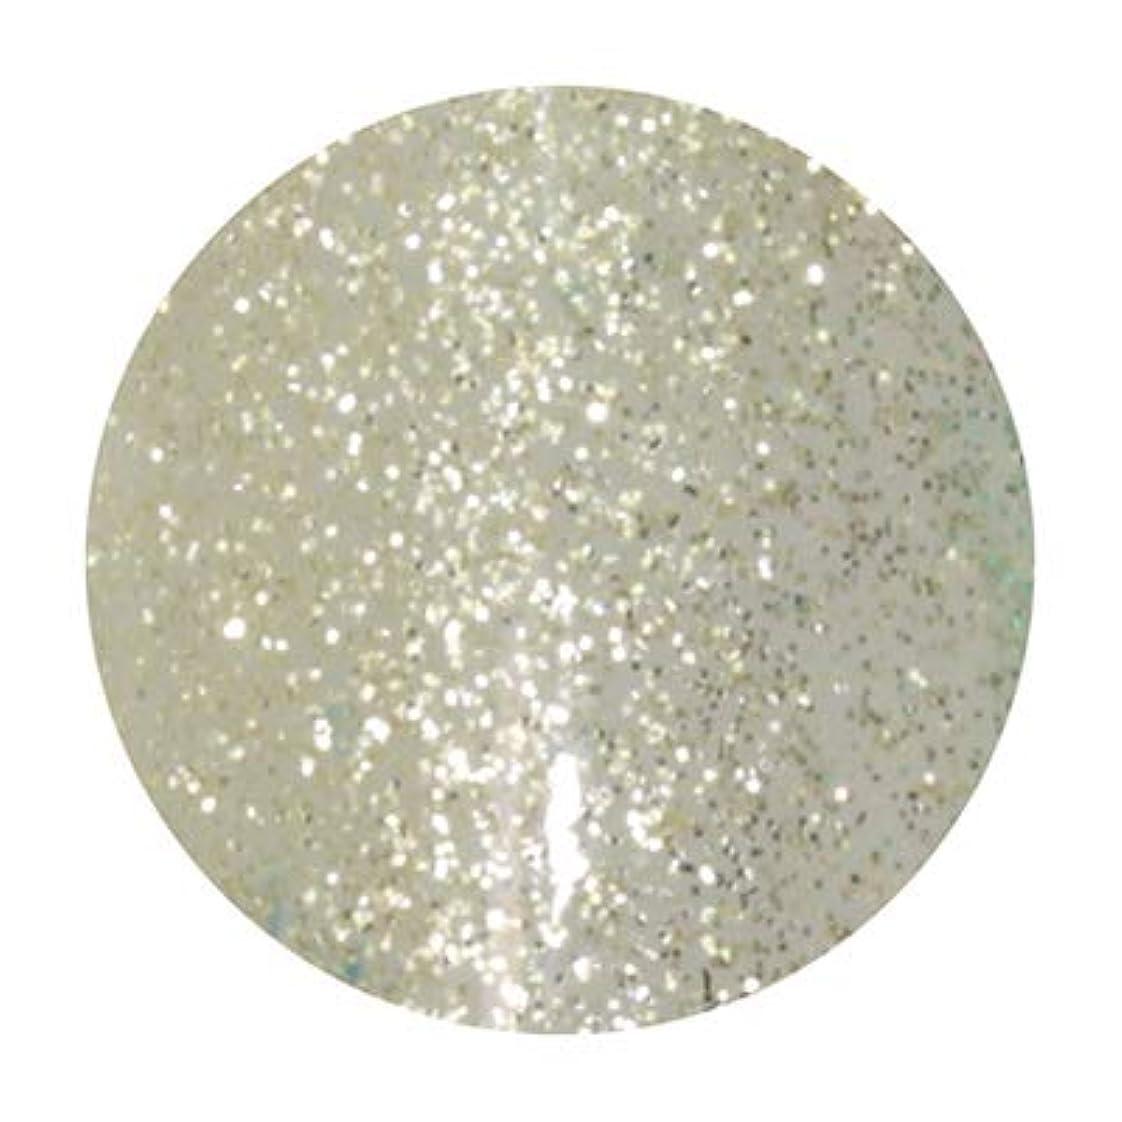 アンペア放射能歯痛T-GEL COLLECTION ティージェル カラージェル D215 Cゴールドシャイン 4ml